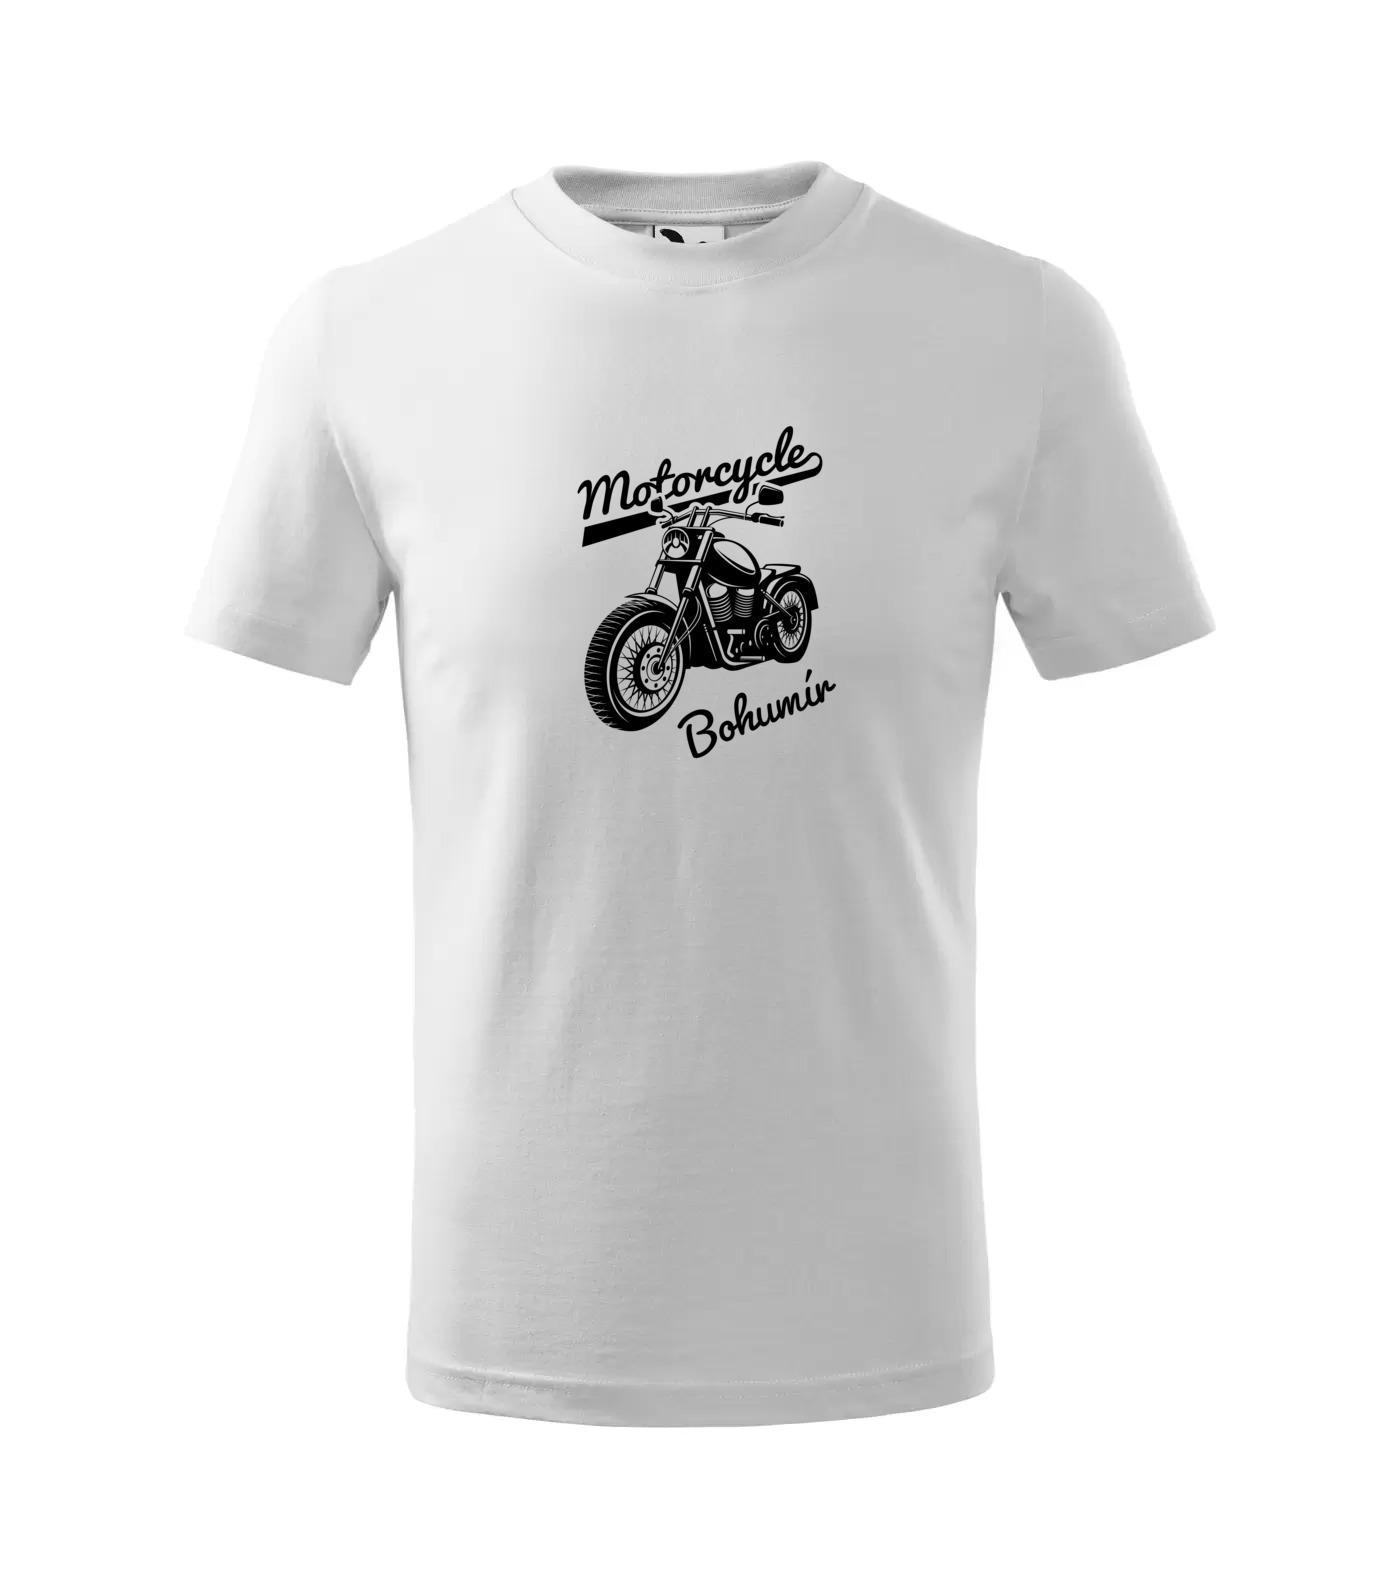 Tričko Motorkář Inverse Bohumír